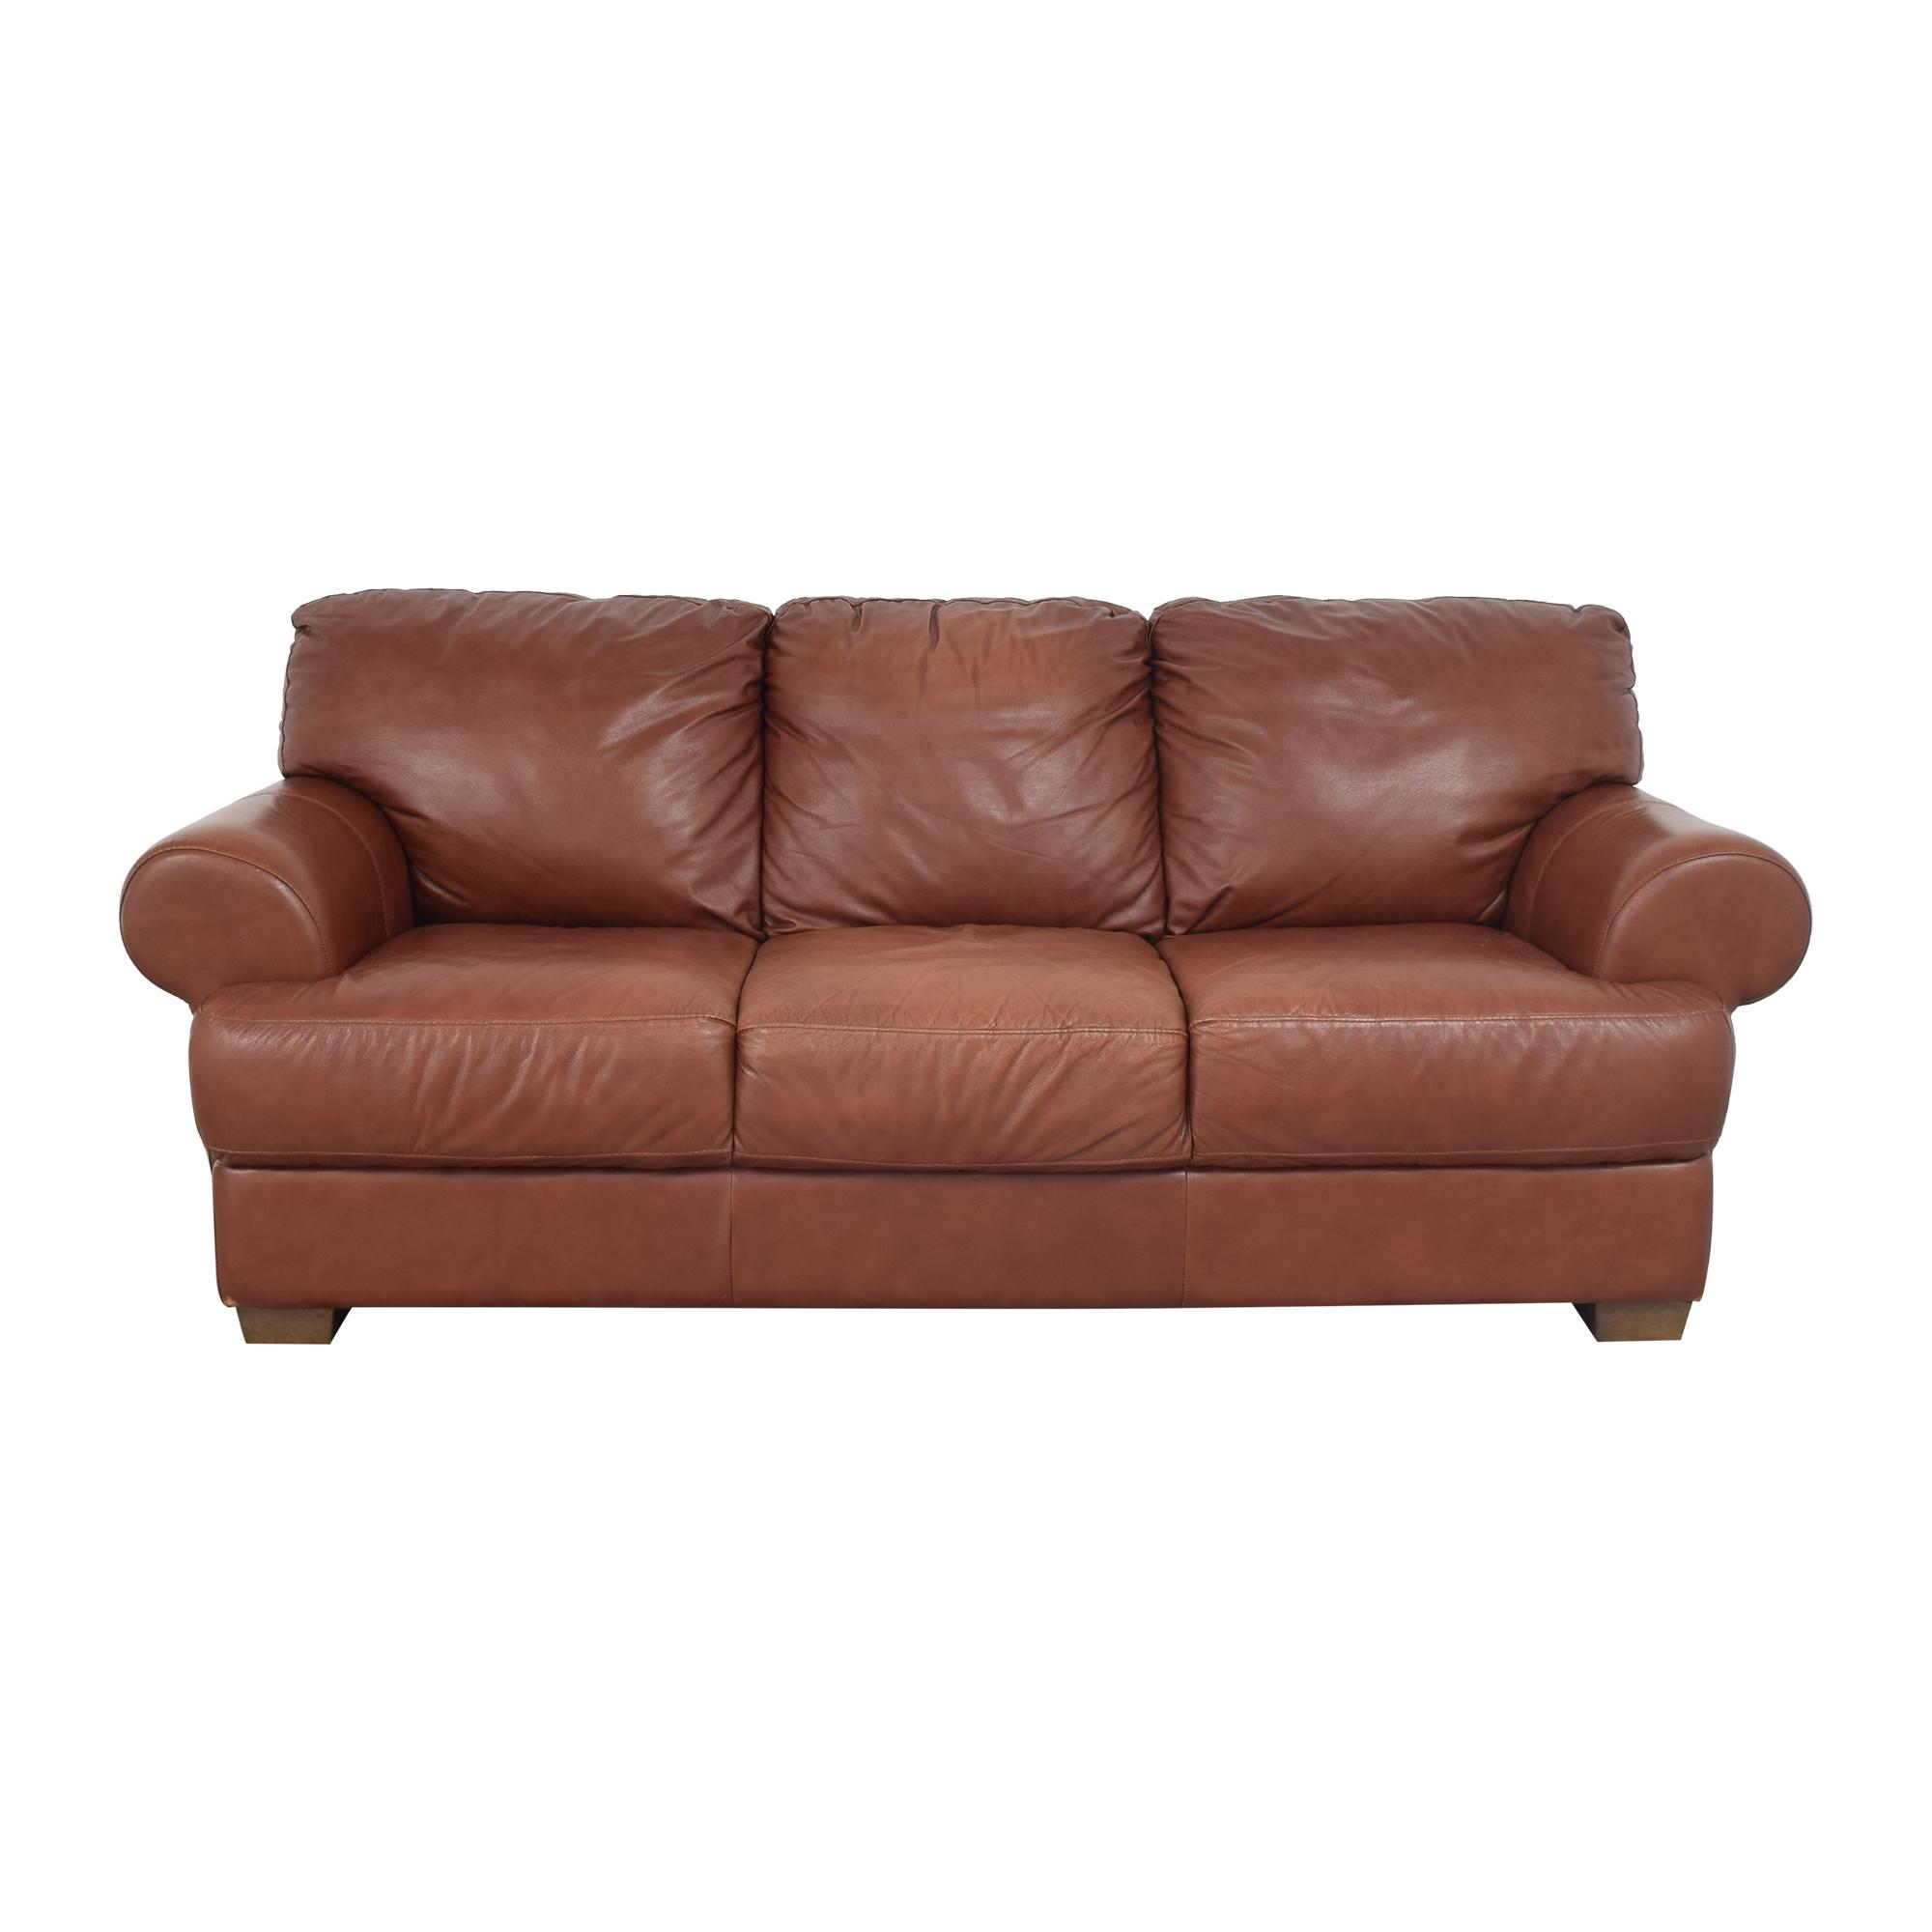 buy Chateau d'Ax Chateau d'Ax Three Cushion Roll Arm Sofa online